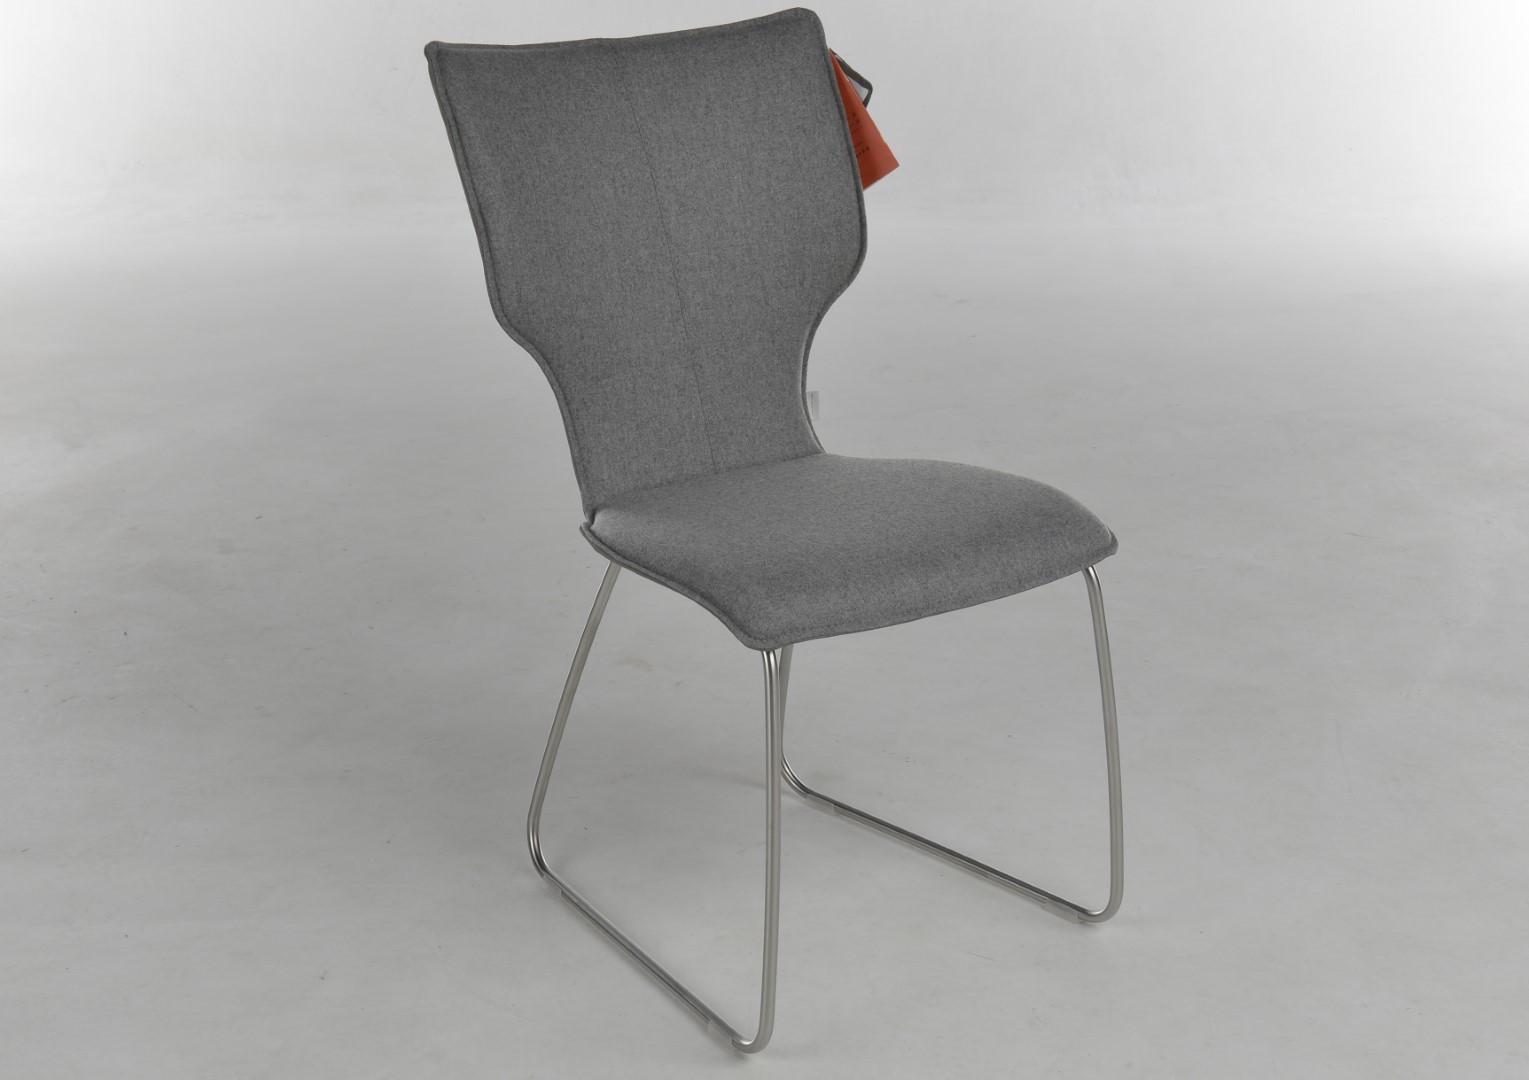 joni eetkamerstoel bert plantagie outlet. Black Bedroom Furniture Sets. Home Design Ideas